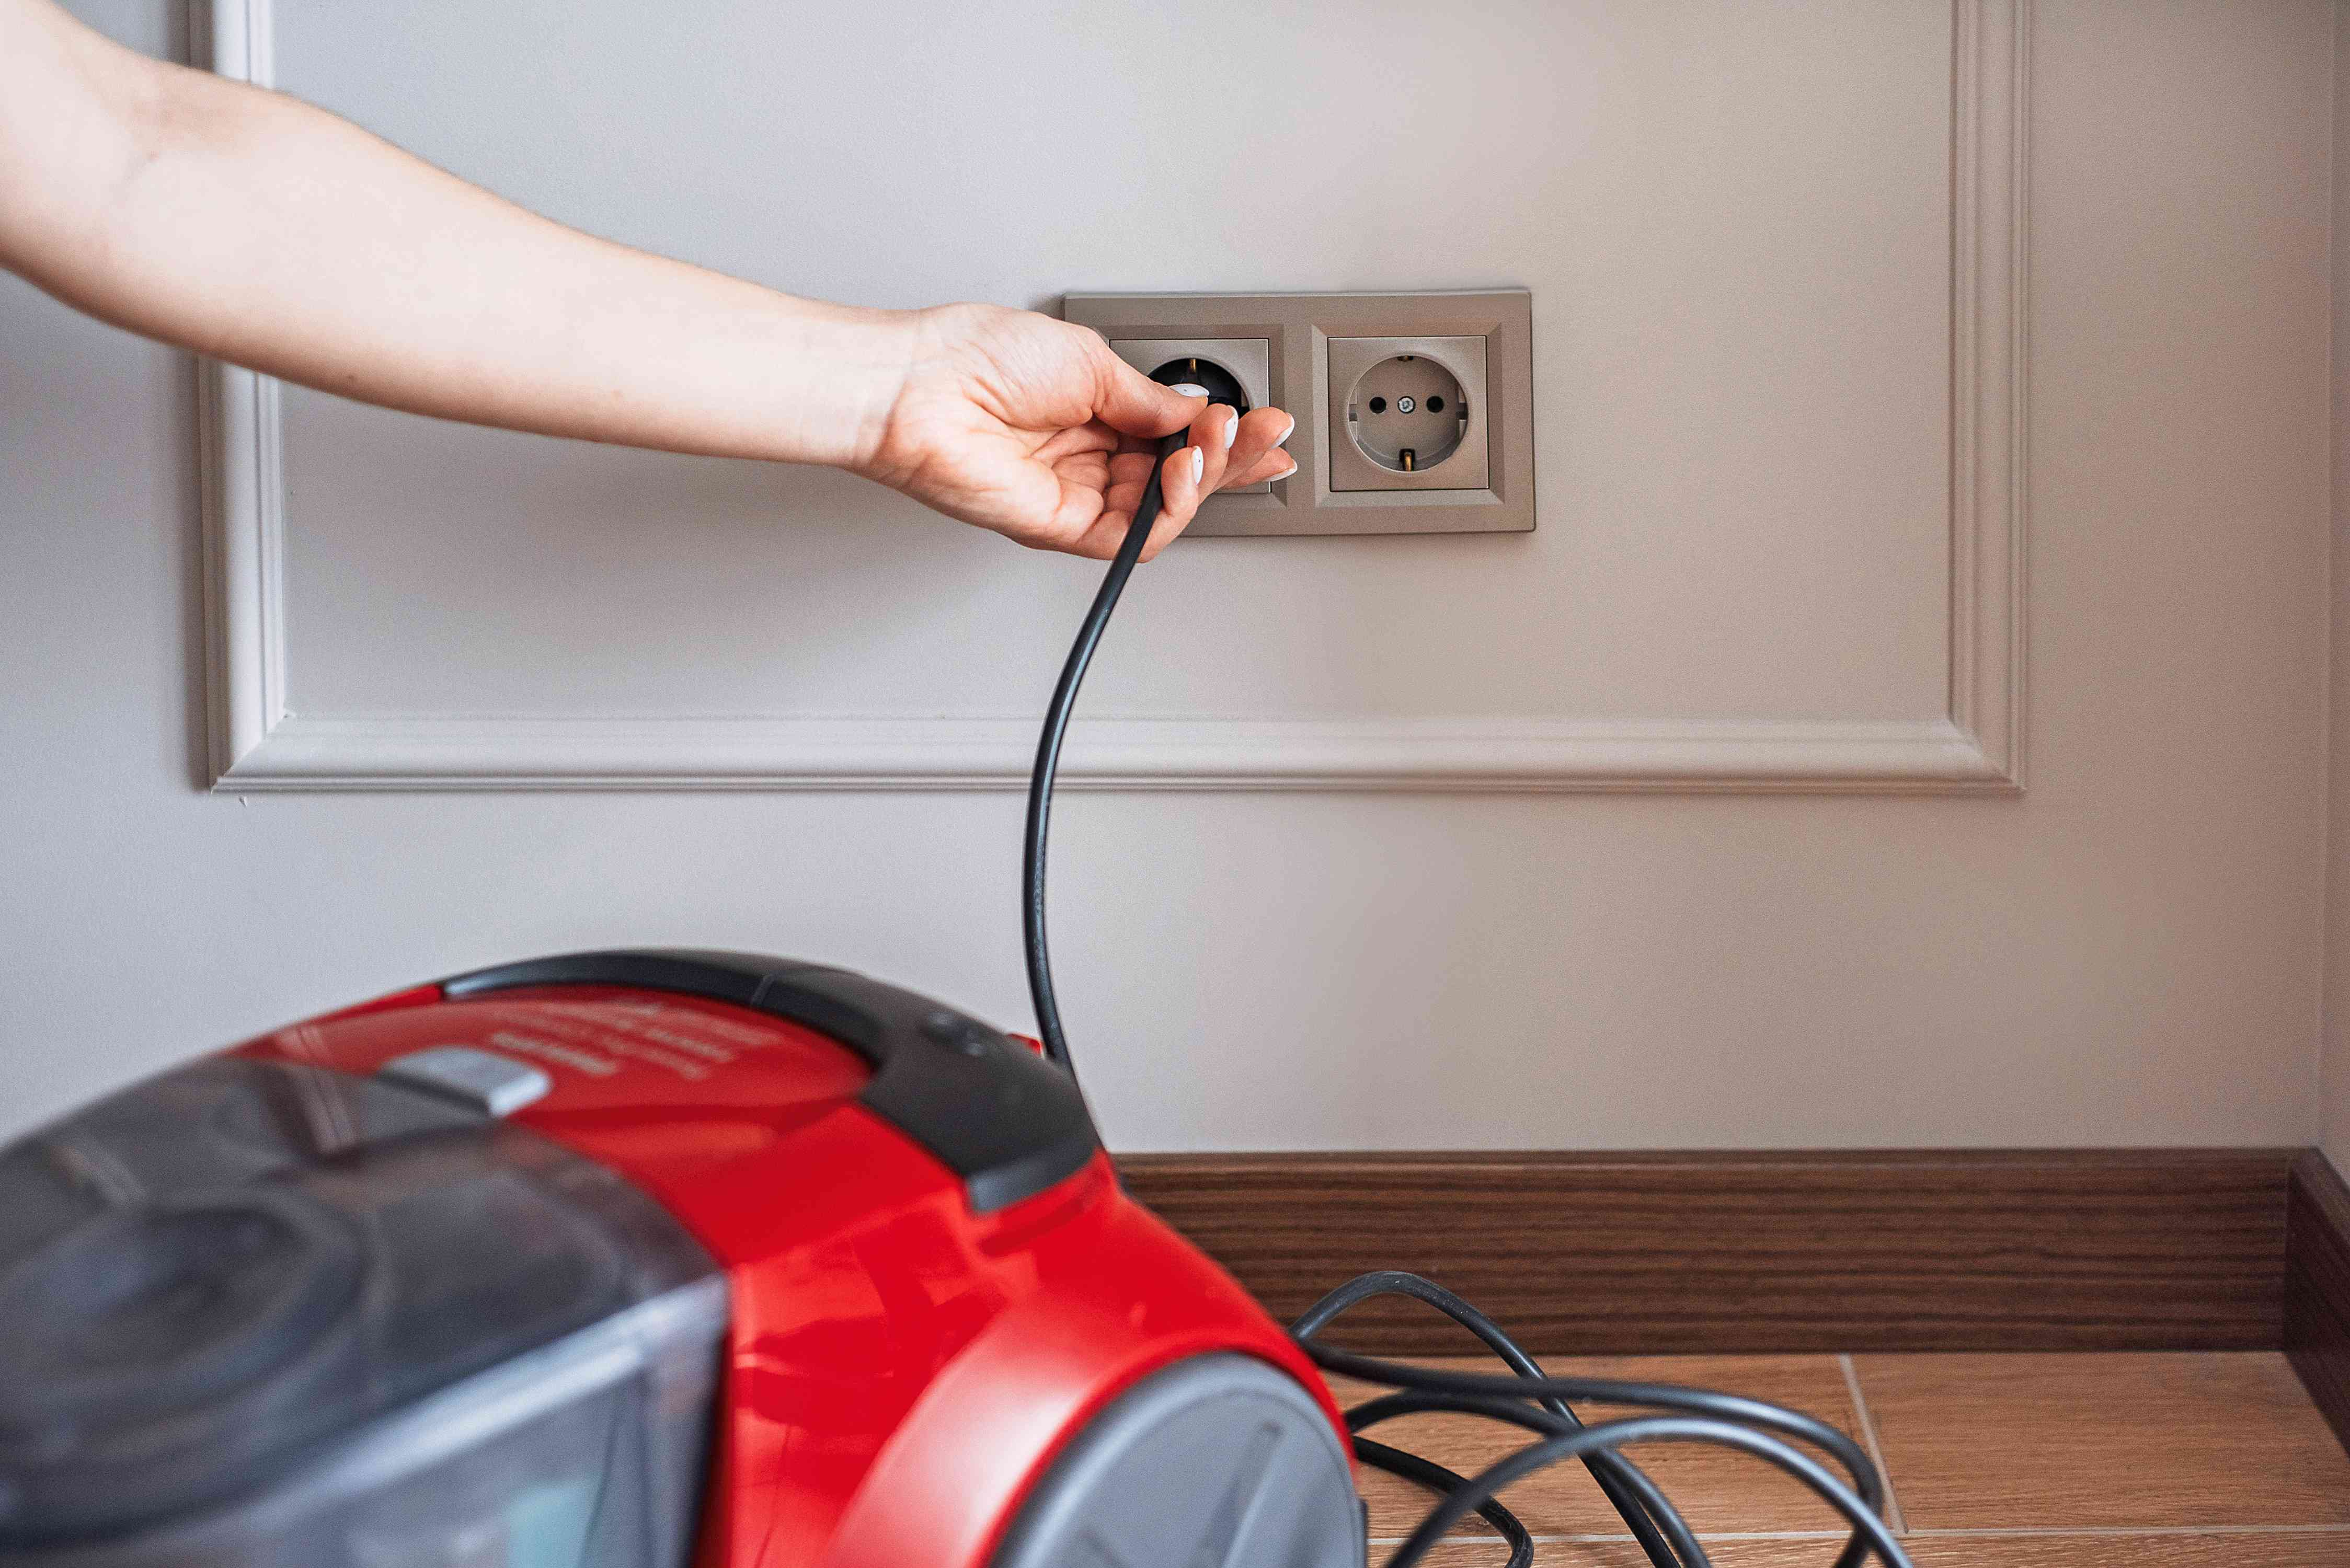 unplugging the vacuum